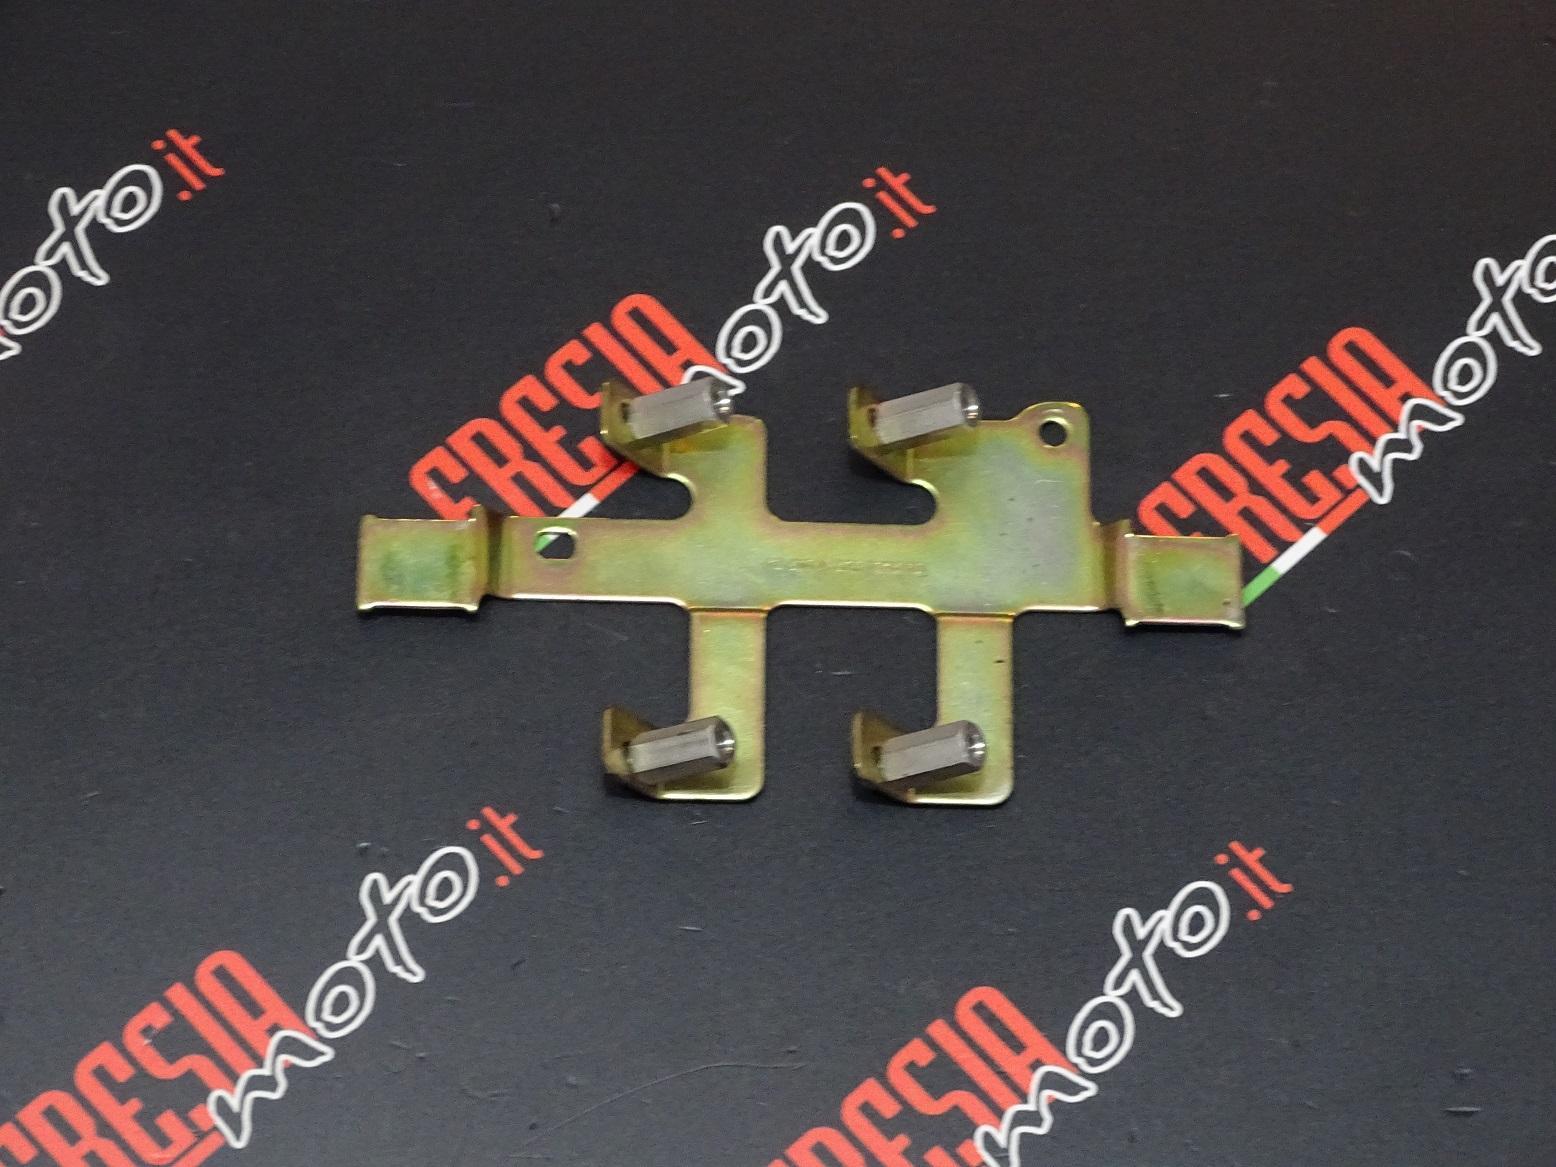 SUPPORTO BULBI USATO DUCATI MONSTER 600 cc DARK ANNO 2000